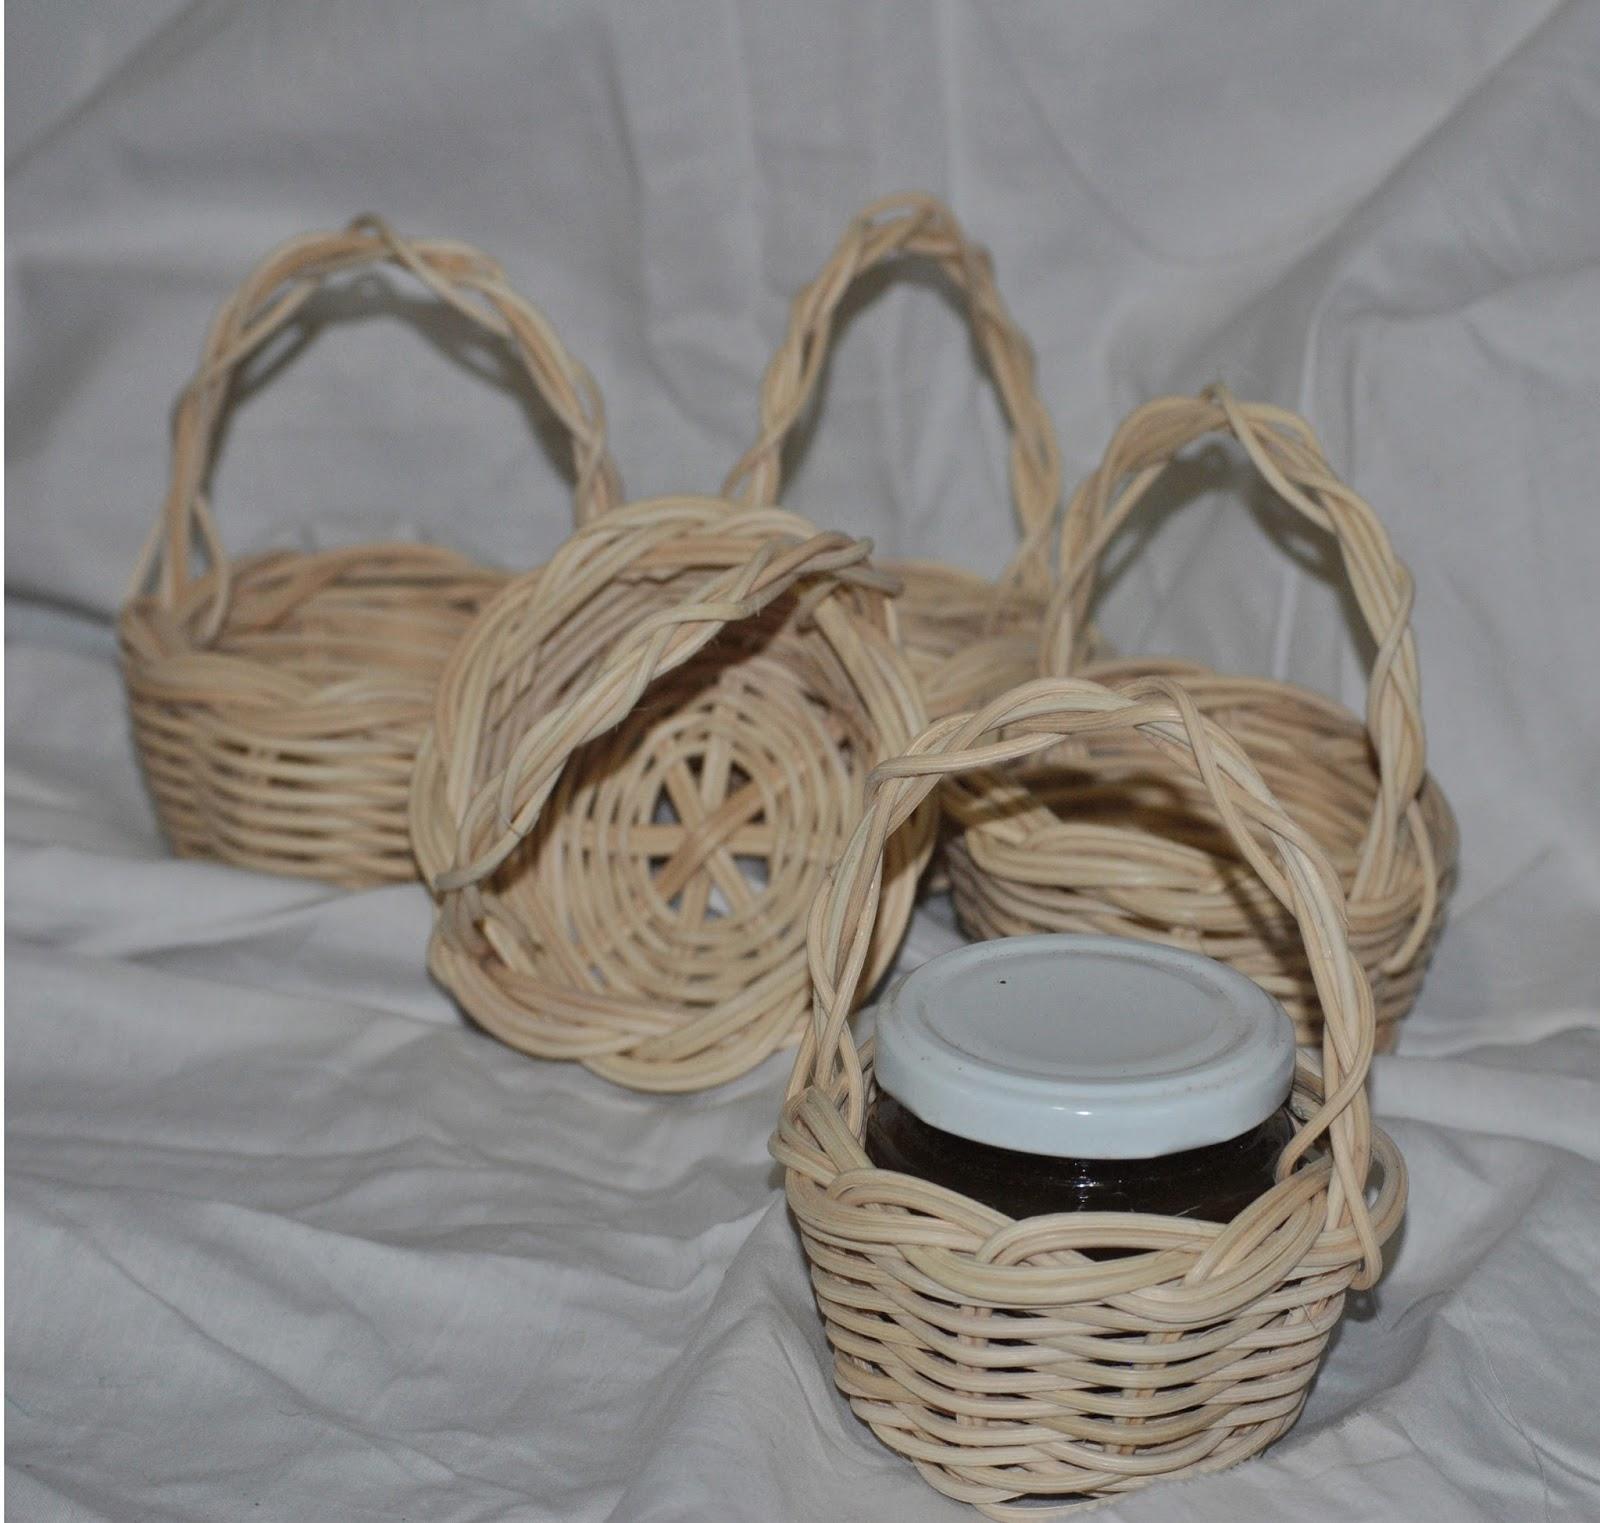 El cuevano artesan a de laciana trabajos de cester a detalle para bodas bautizos o comuniones - Como forrar cestas de mimbre ...